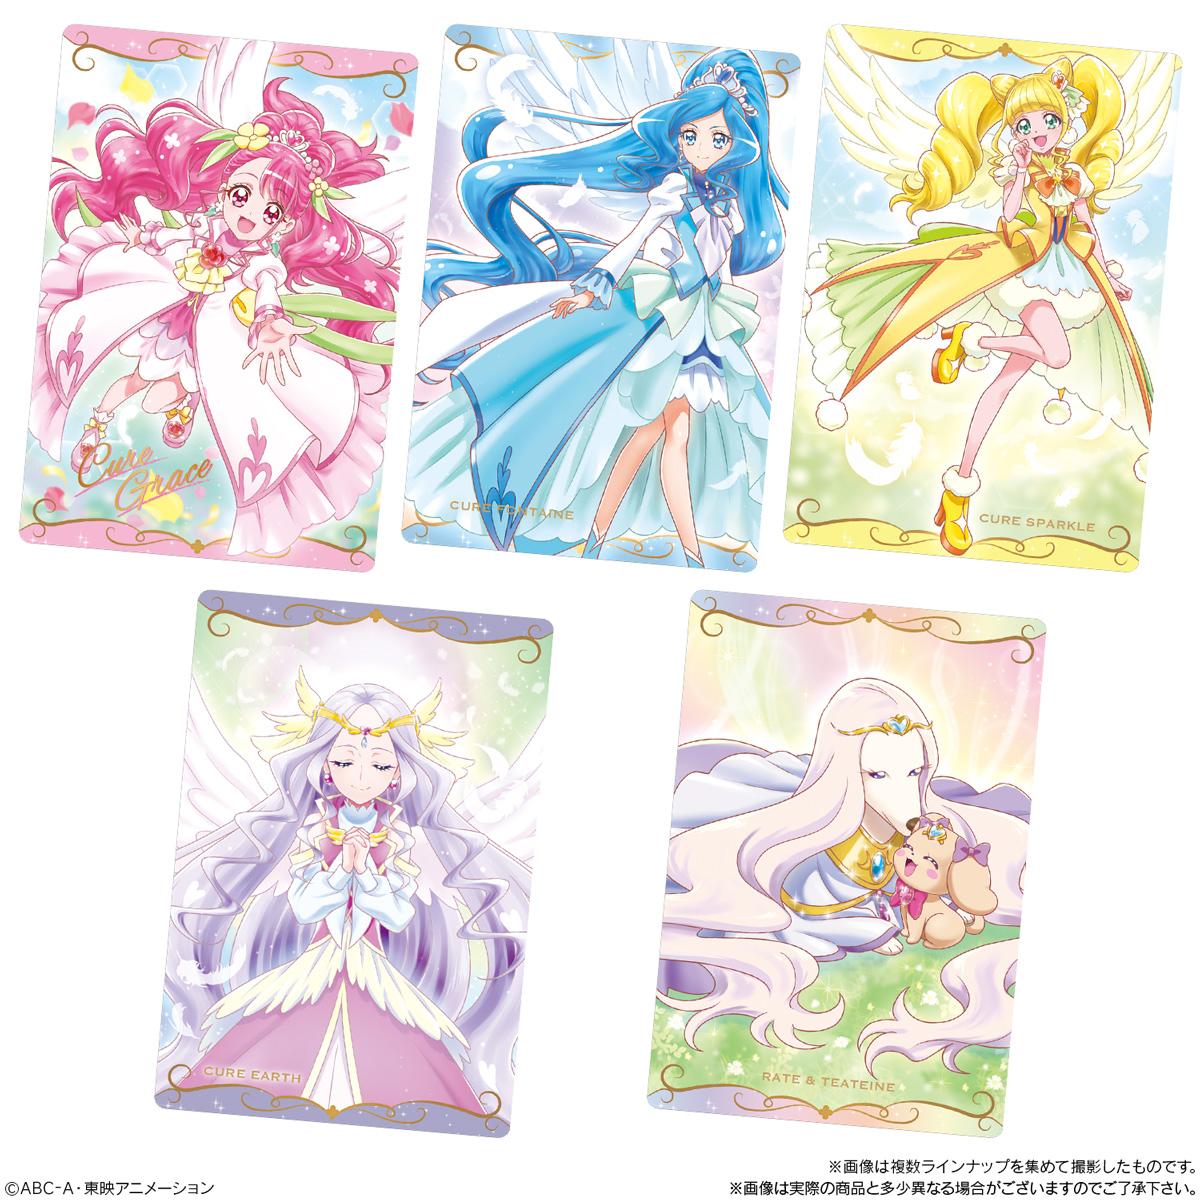 【食玩】プリキュア『プリキュア カードウエハース2』20個入りBOX-004